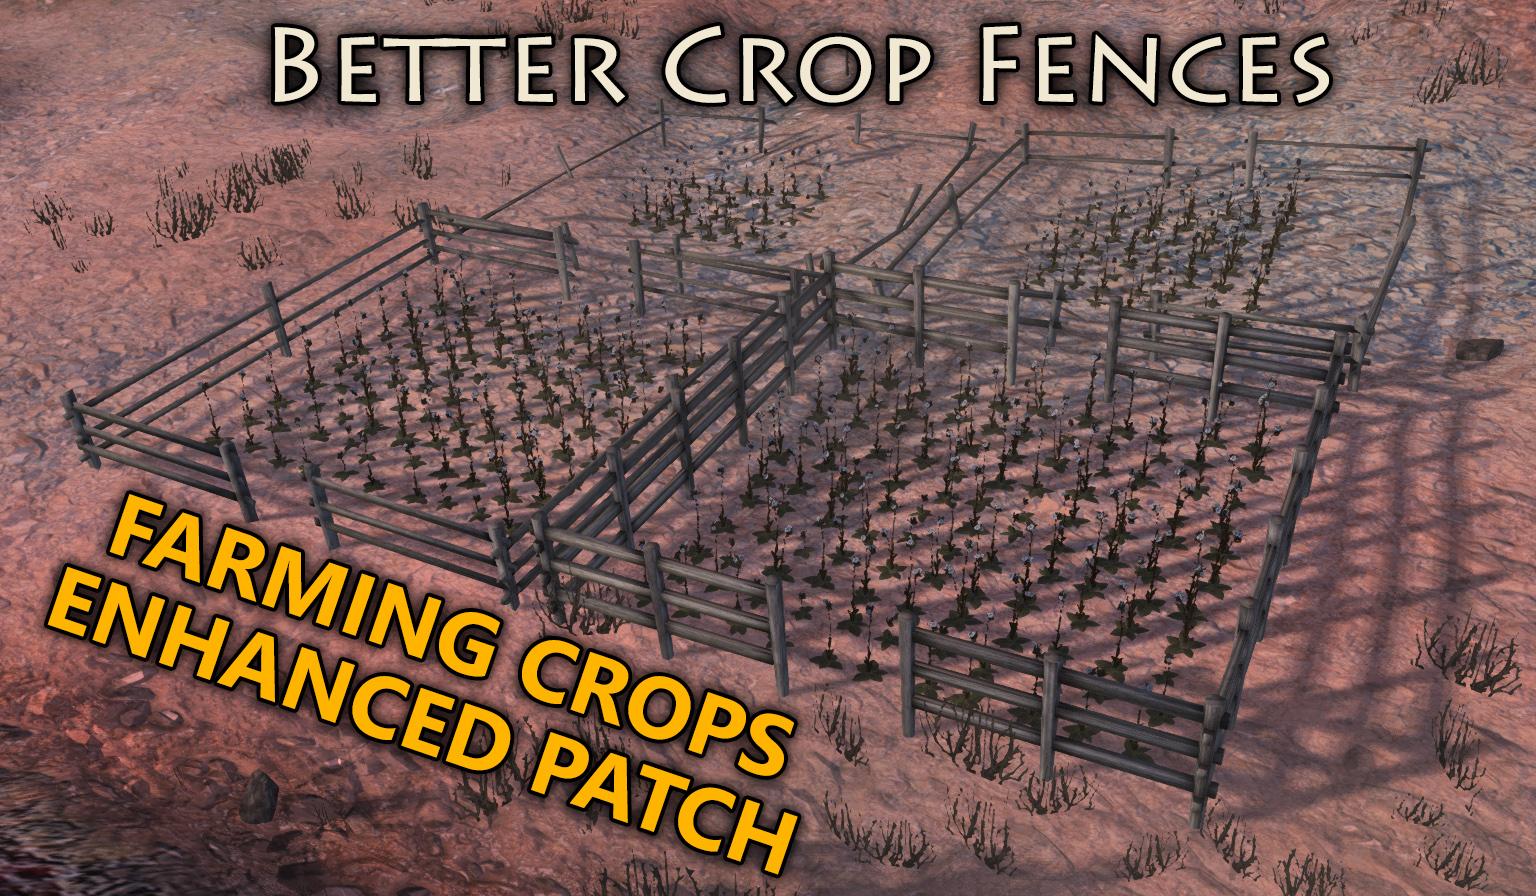 Better Crop Fences FCE patch